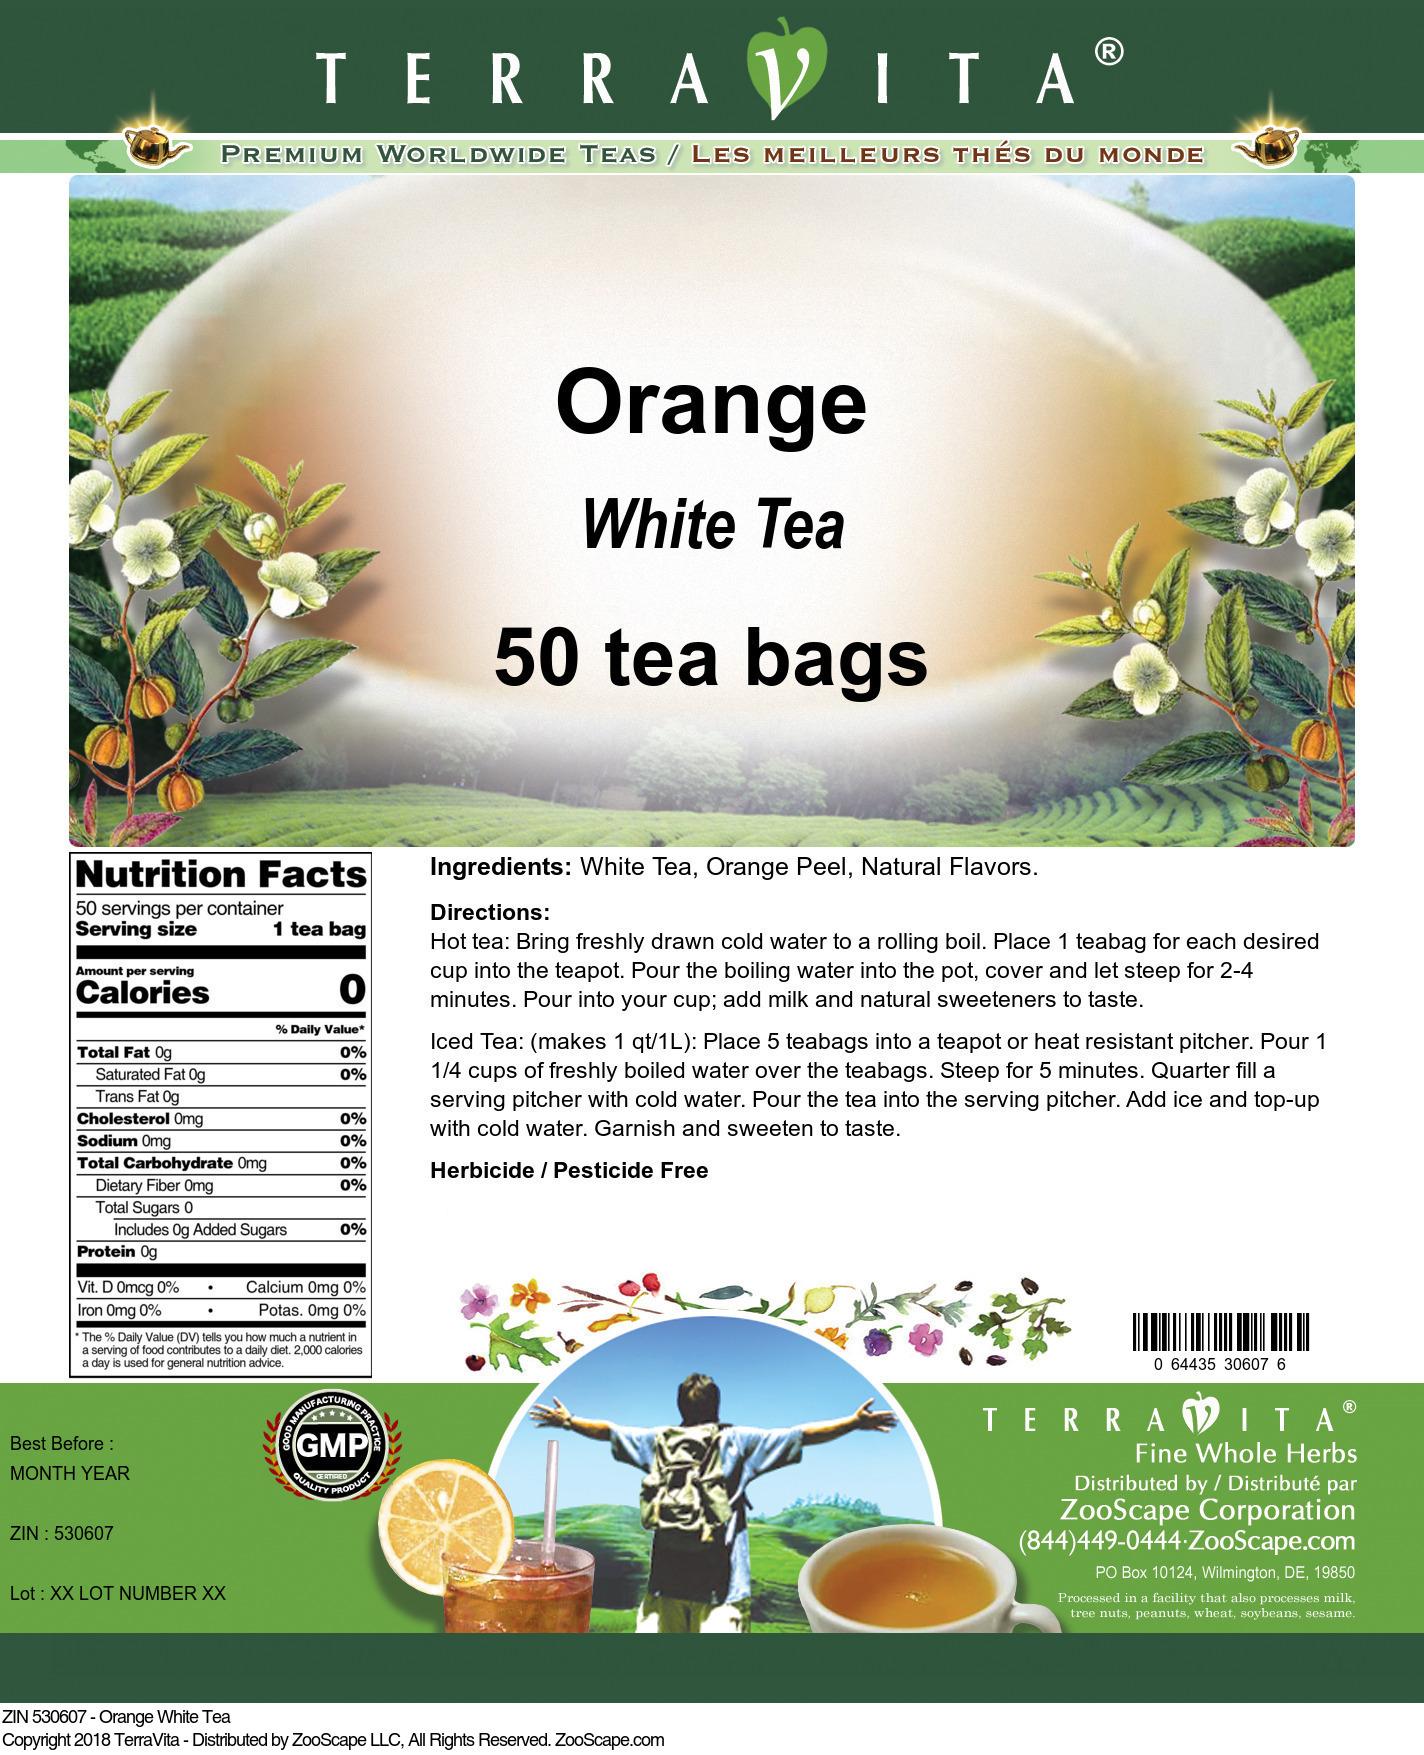 Orange White Tea